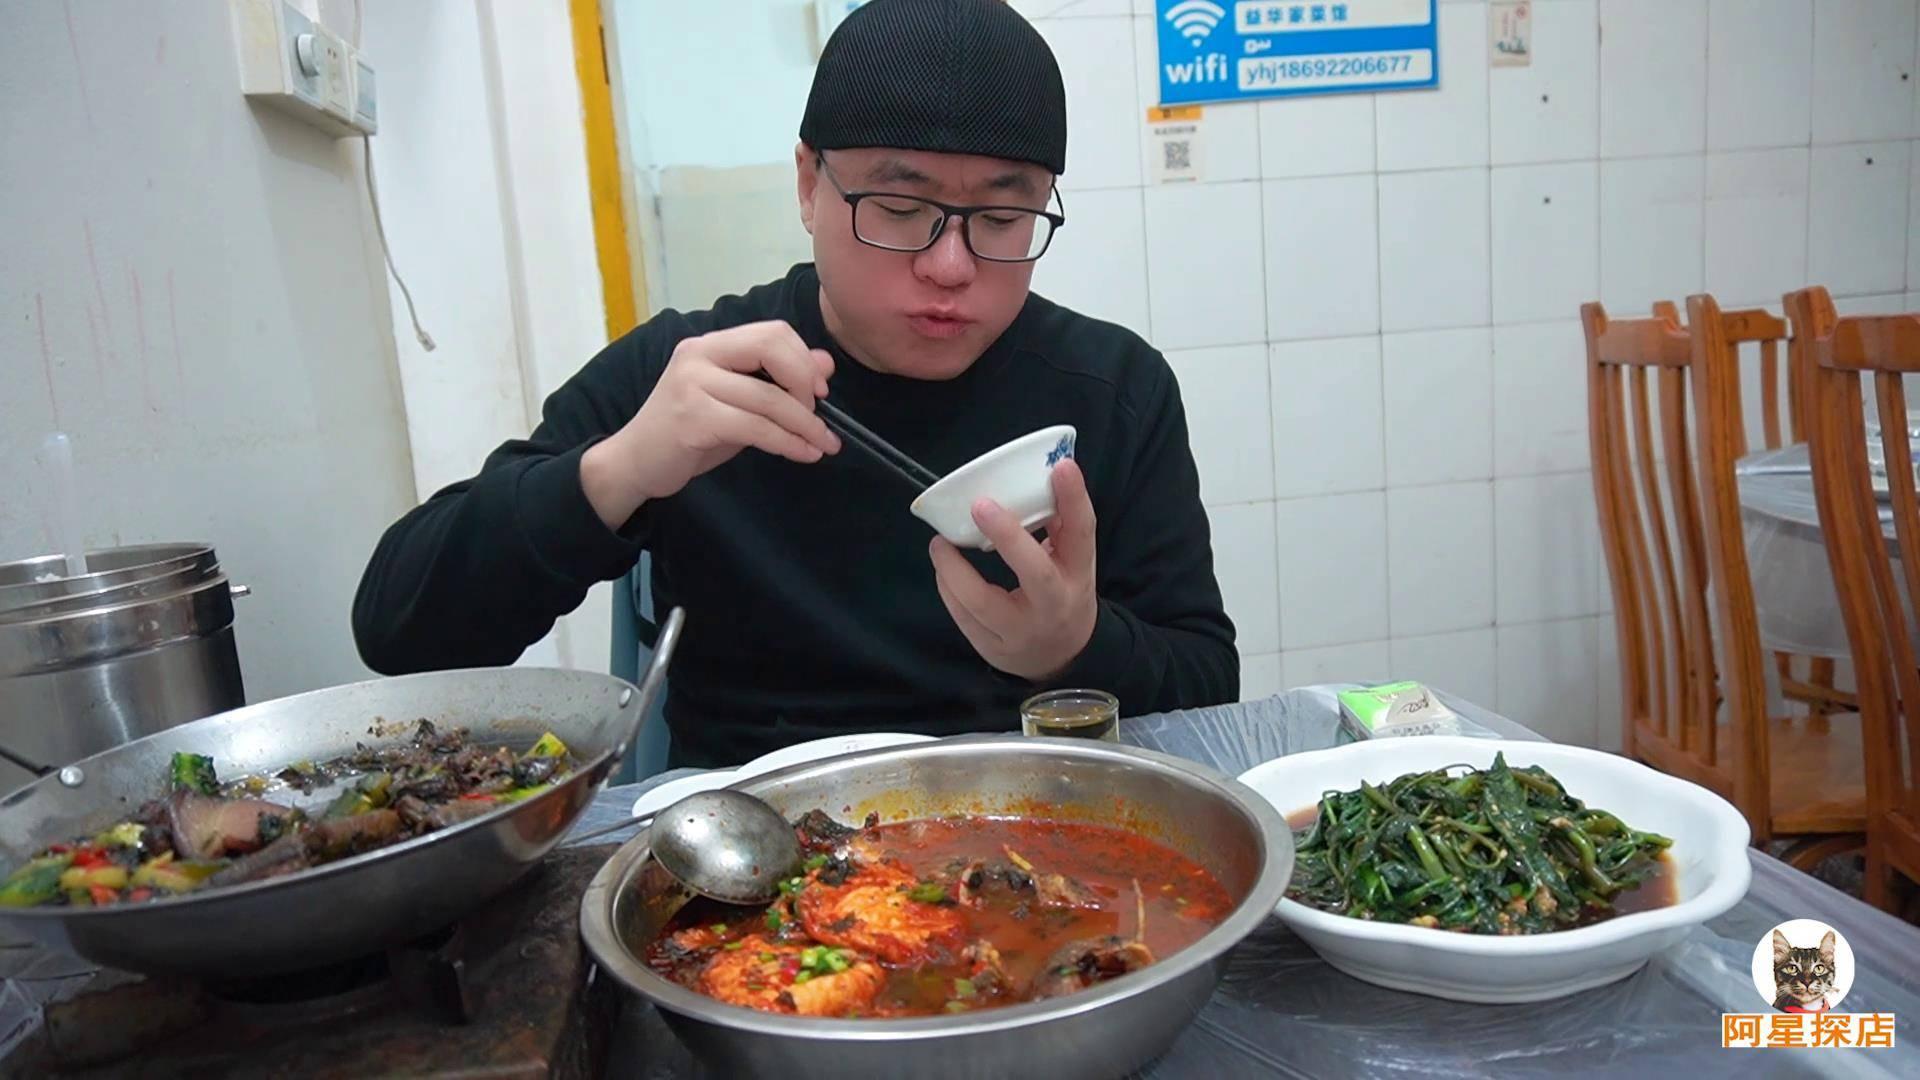 【阿星探店】长沙湘菜老店,小院里做饭,湖南土菜风味,鳝鱼腊肉鲜美